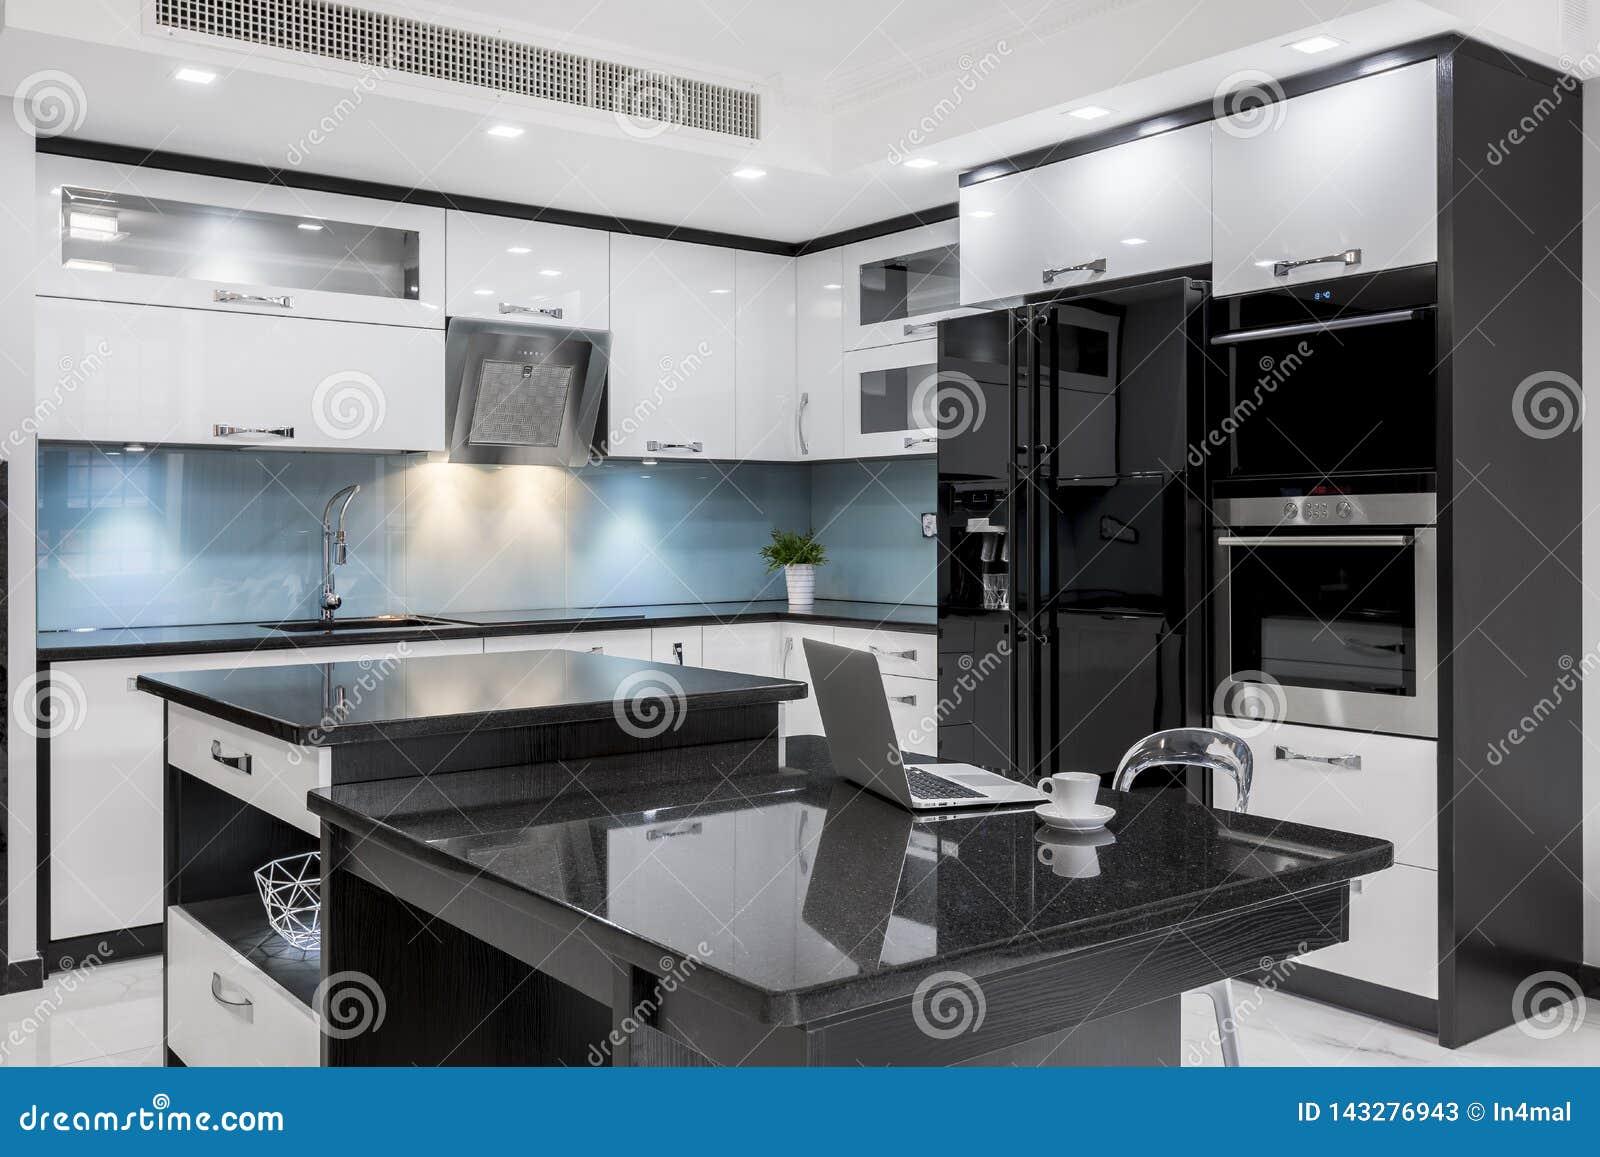 Cuisine Moderne Noire Et Blanche Image Stock Image Du Ordinateur